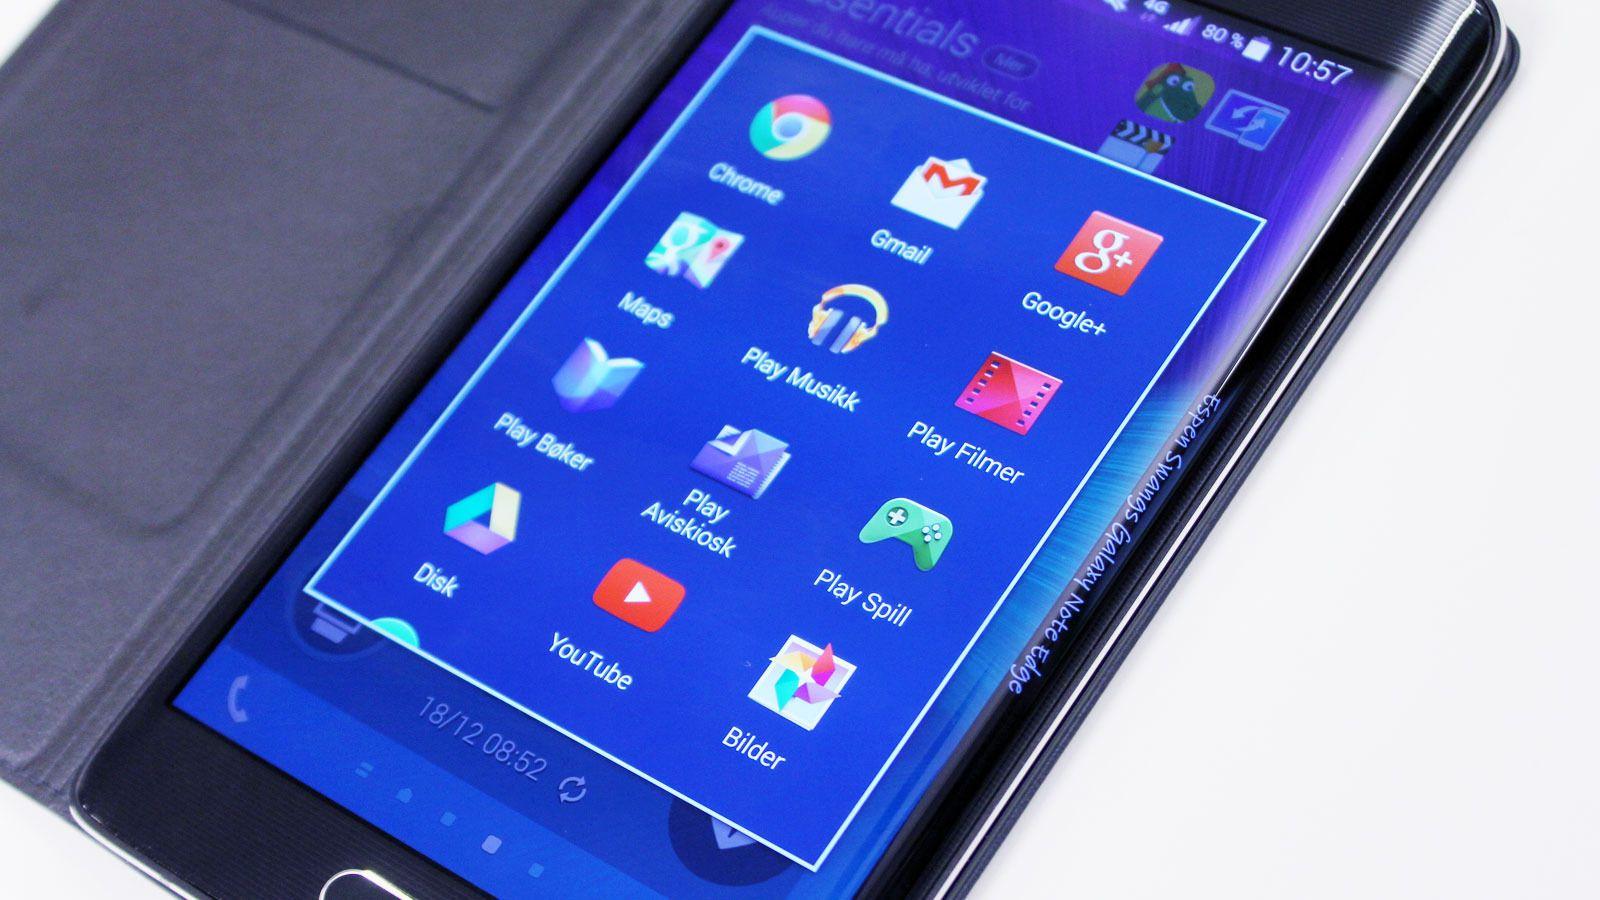 Galaxy Note 4 og Galaxy Note Edge (bildet) kan få oppfølgere om under en måned. Foto: Espen Irwing Swang, Tek.no